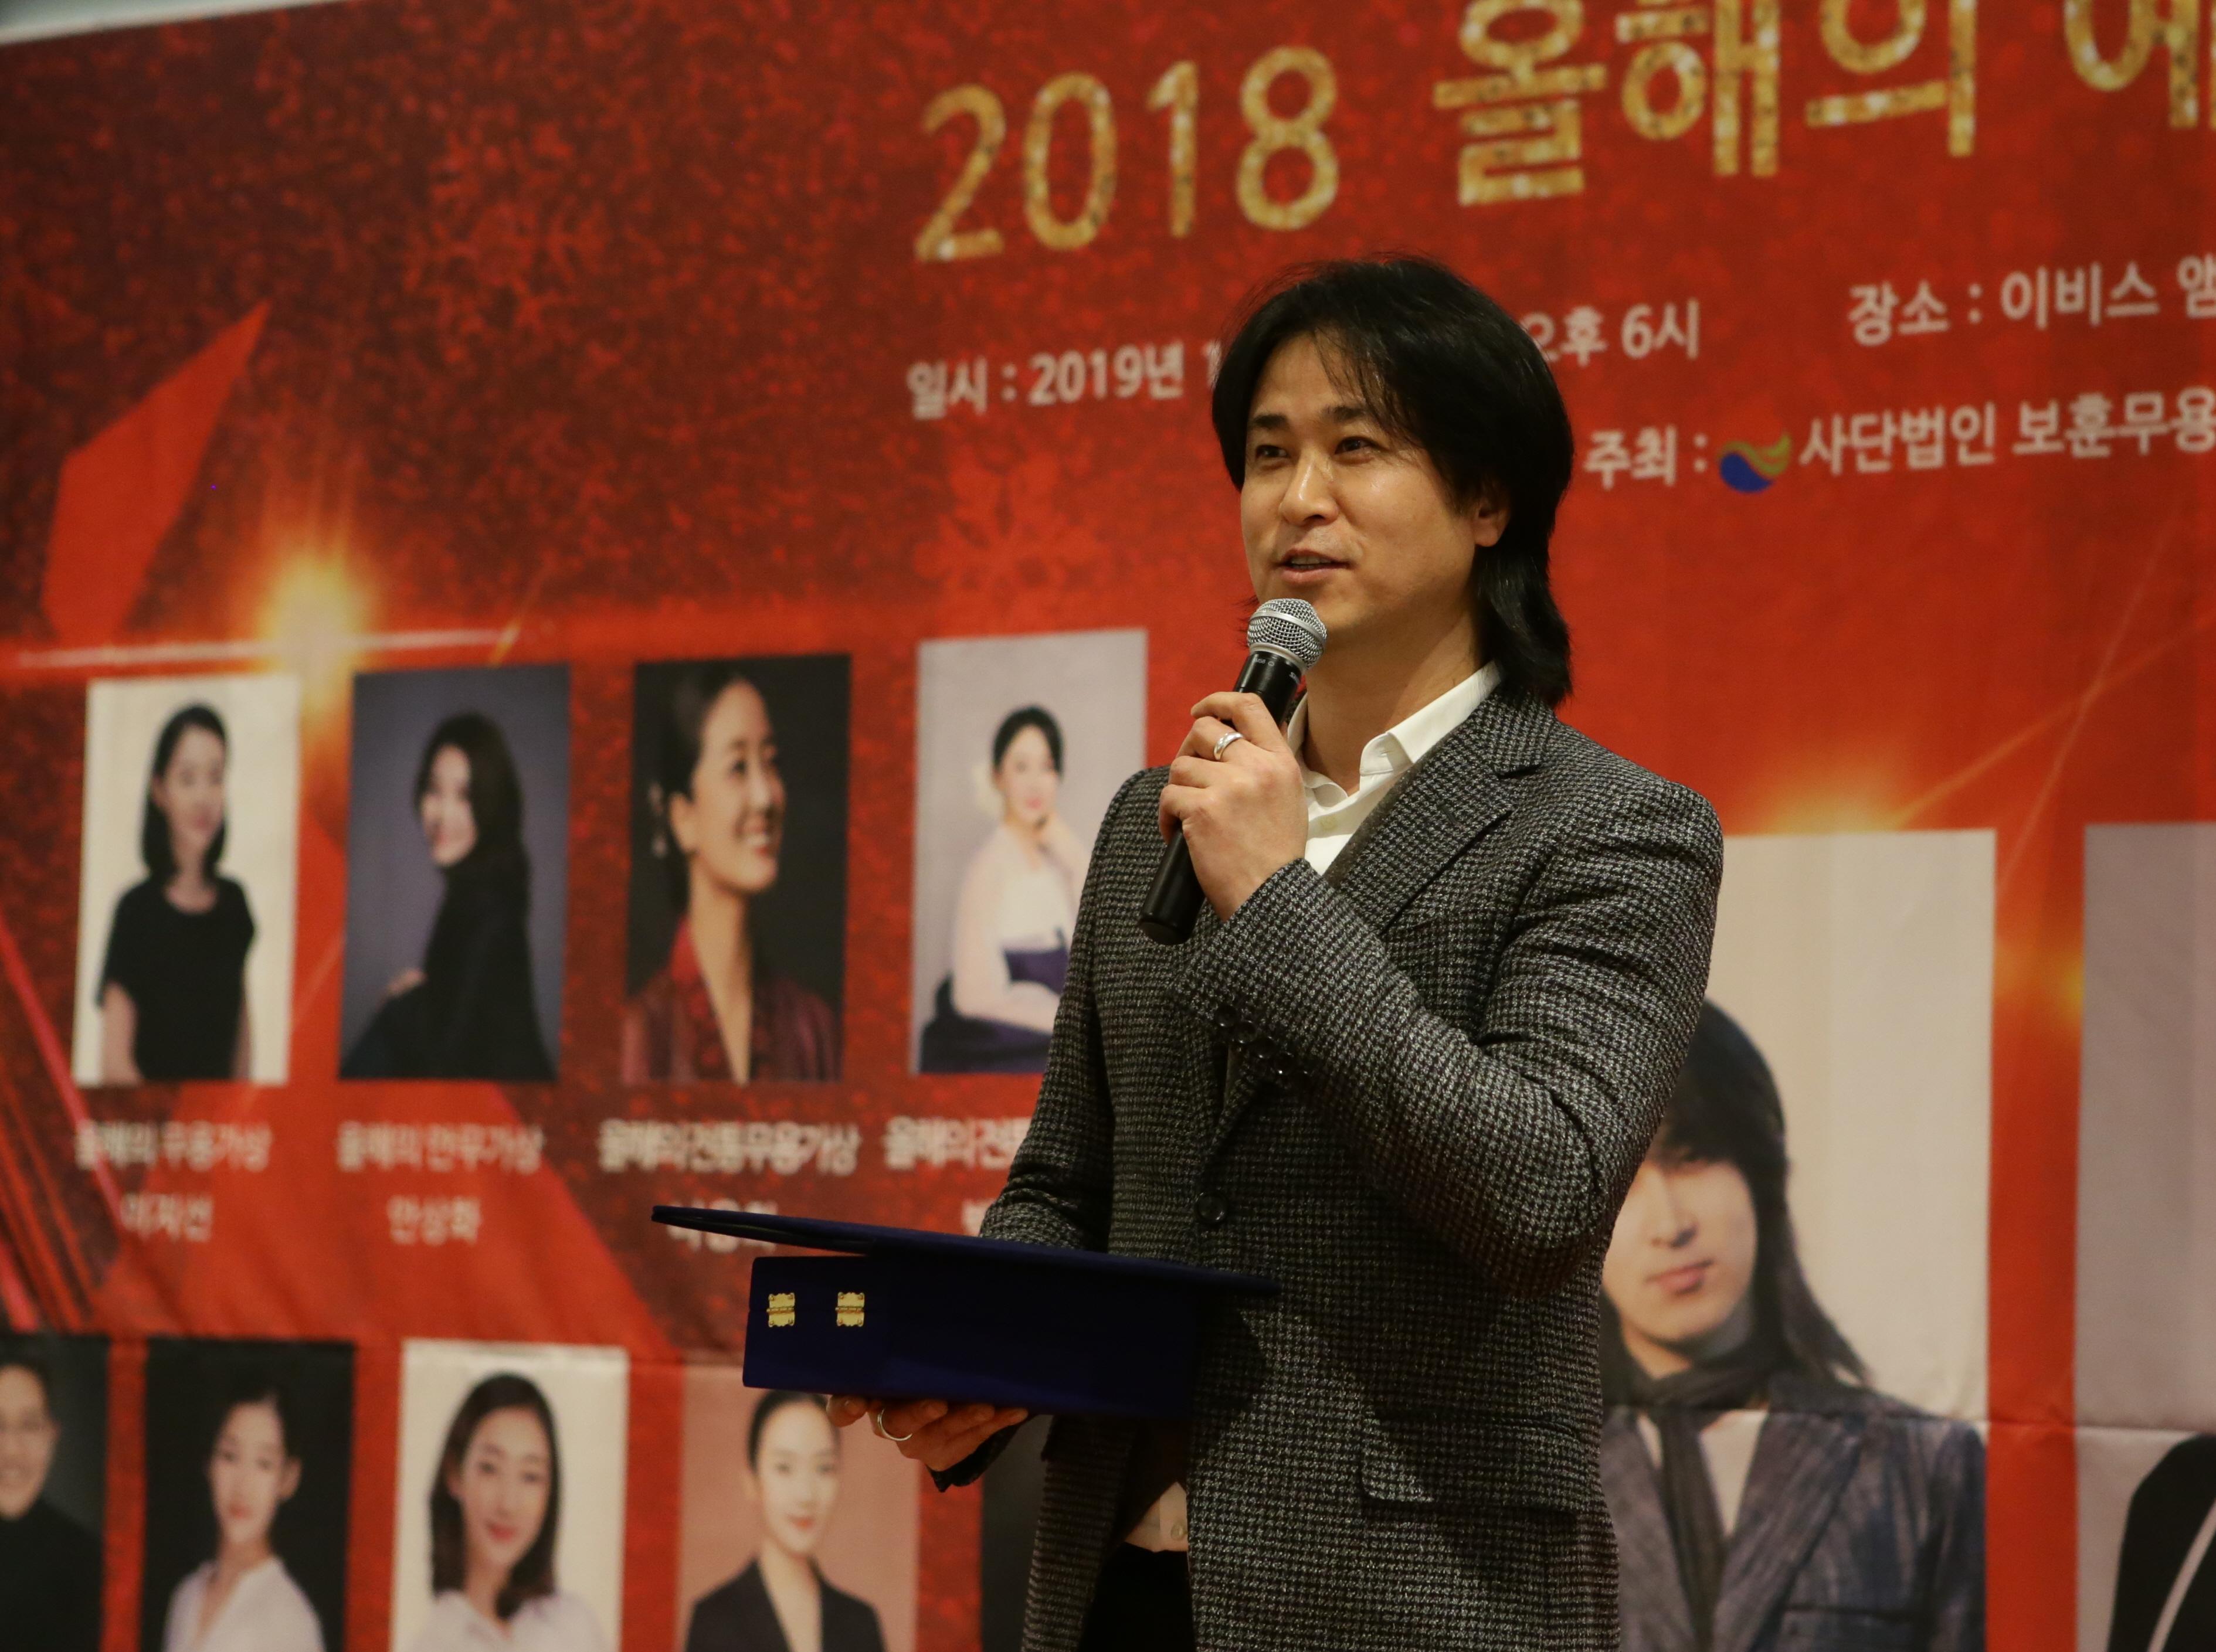 2018올해의 예술상 시상식 (76).JPG